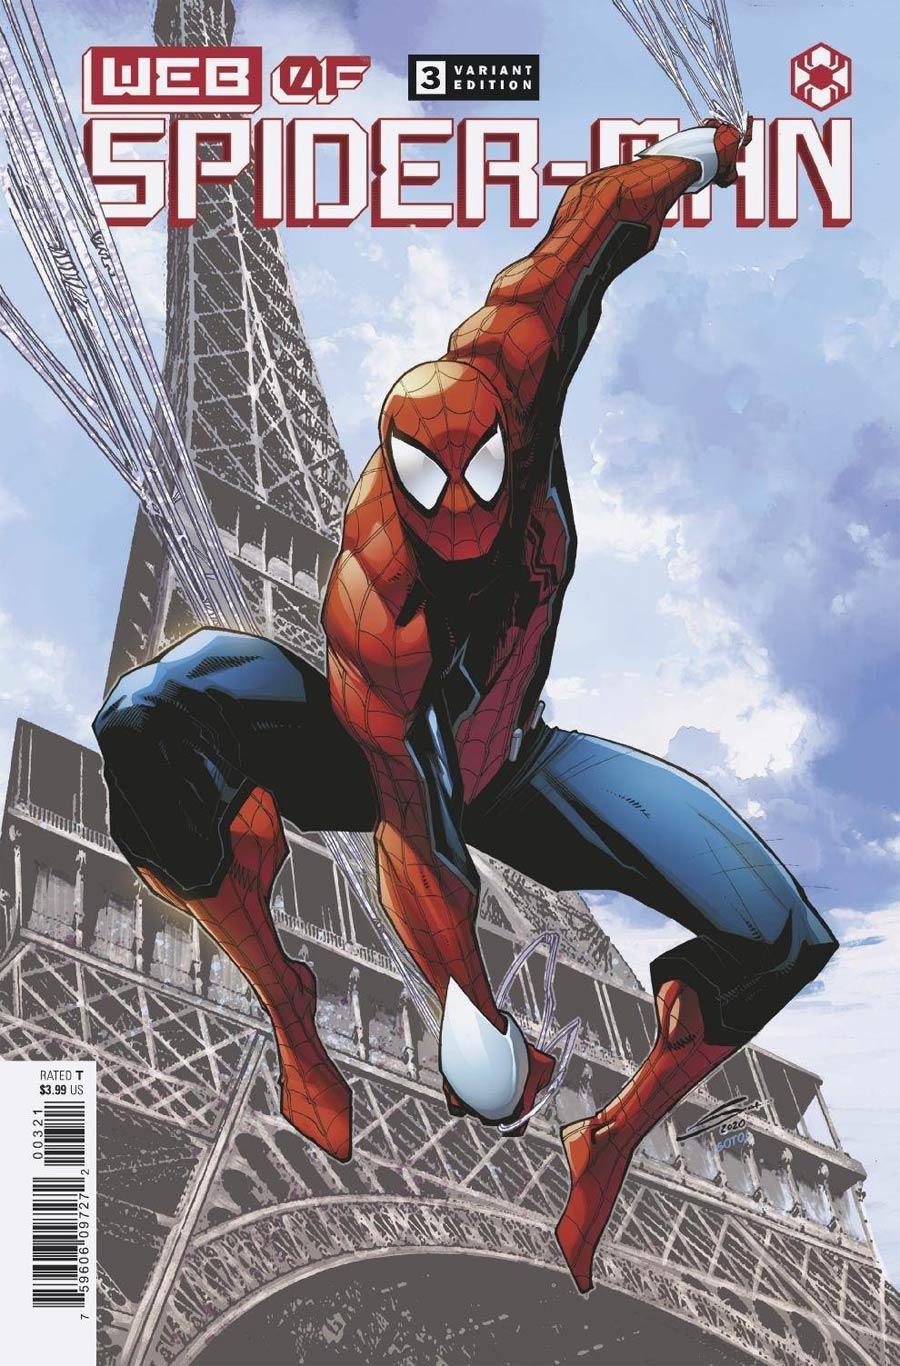 W.E.B. Of Spider-Man #3 Cover B Variant Gerardo Sandoval Cover